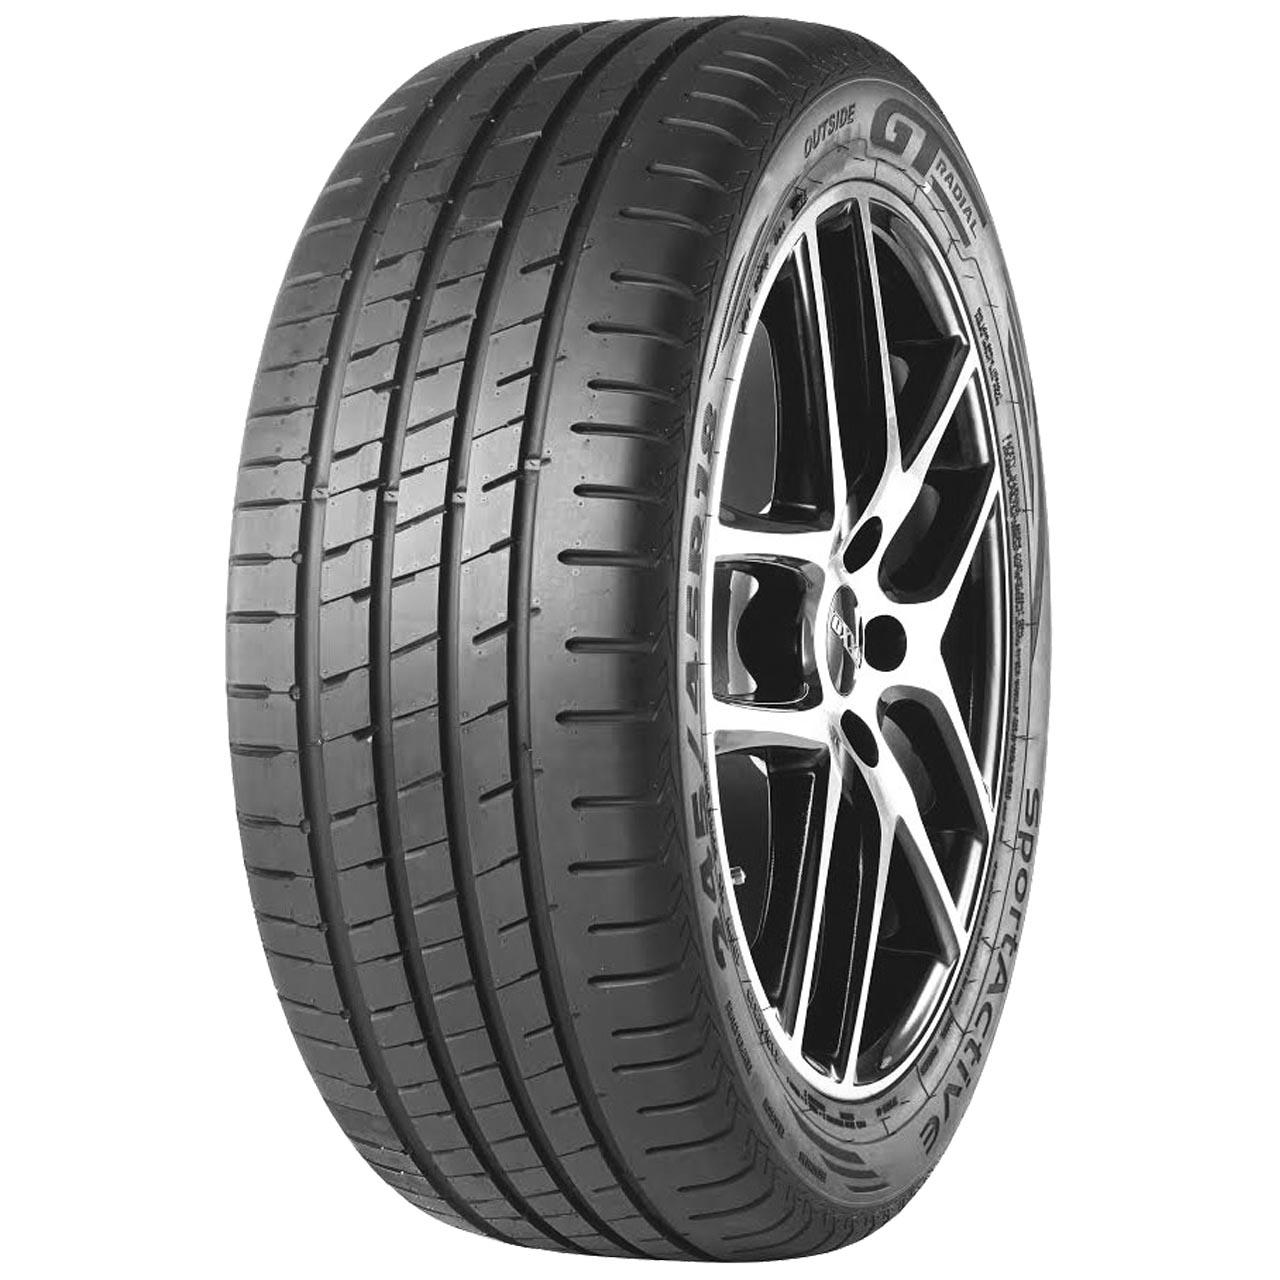 GT Radial Sportactive 225/45R17 91Y